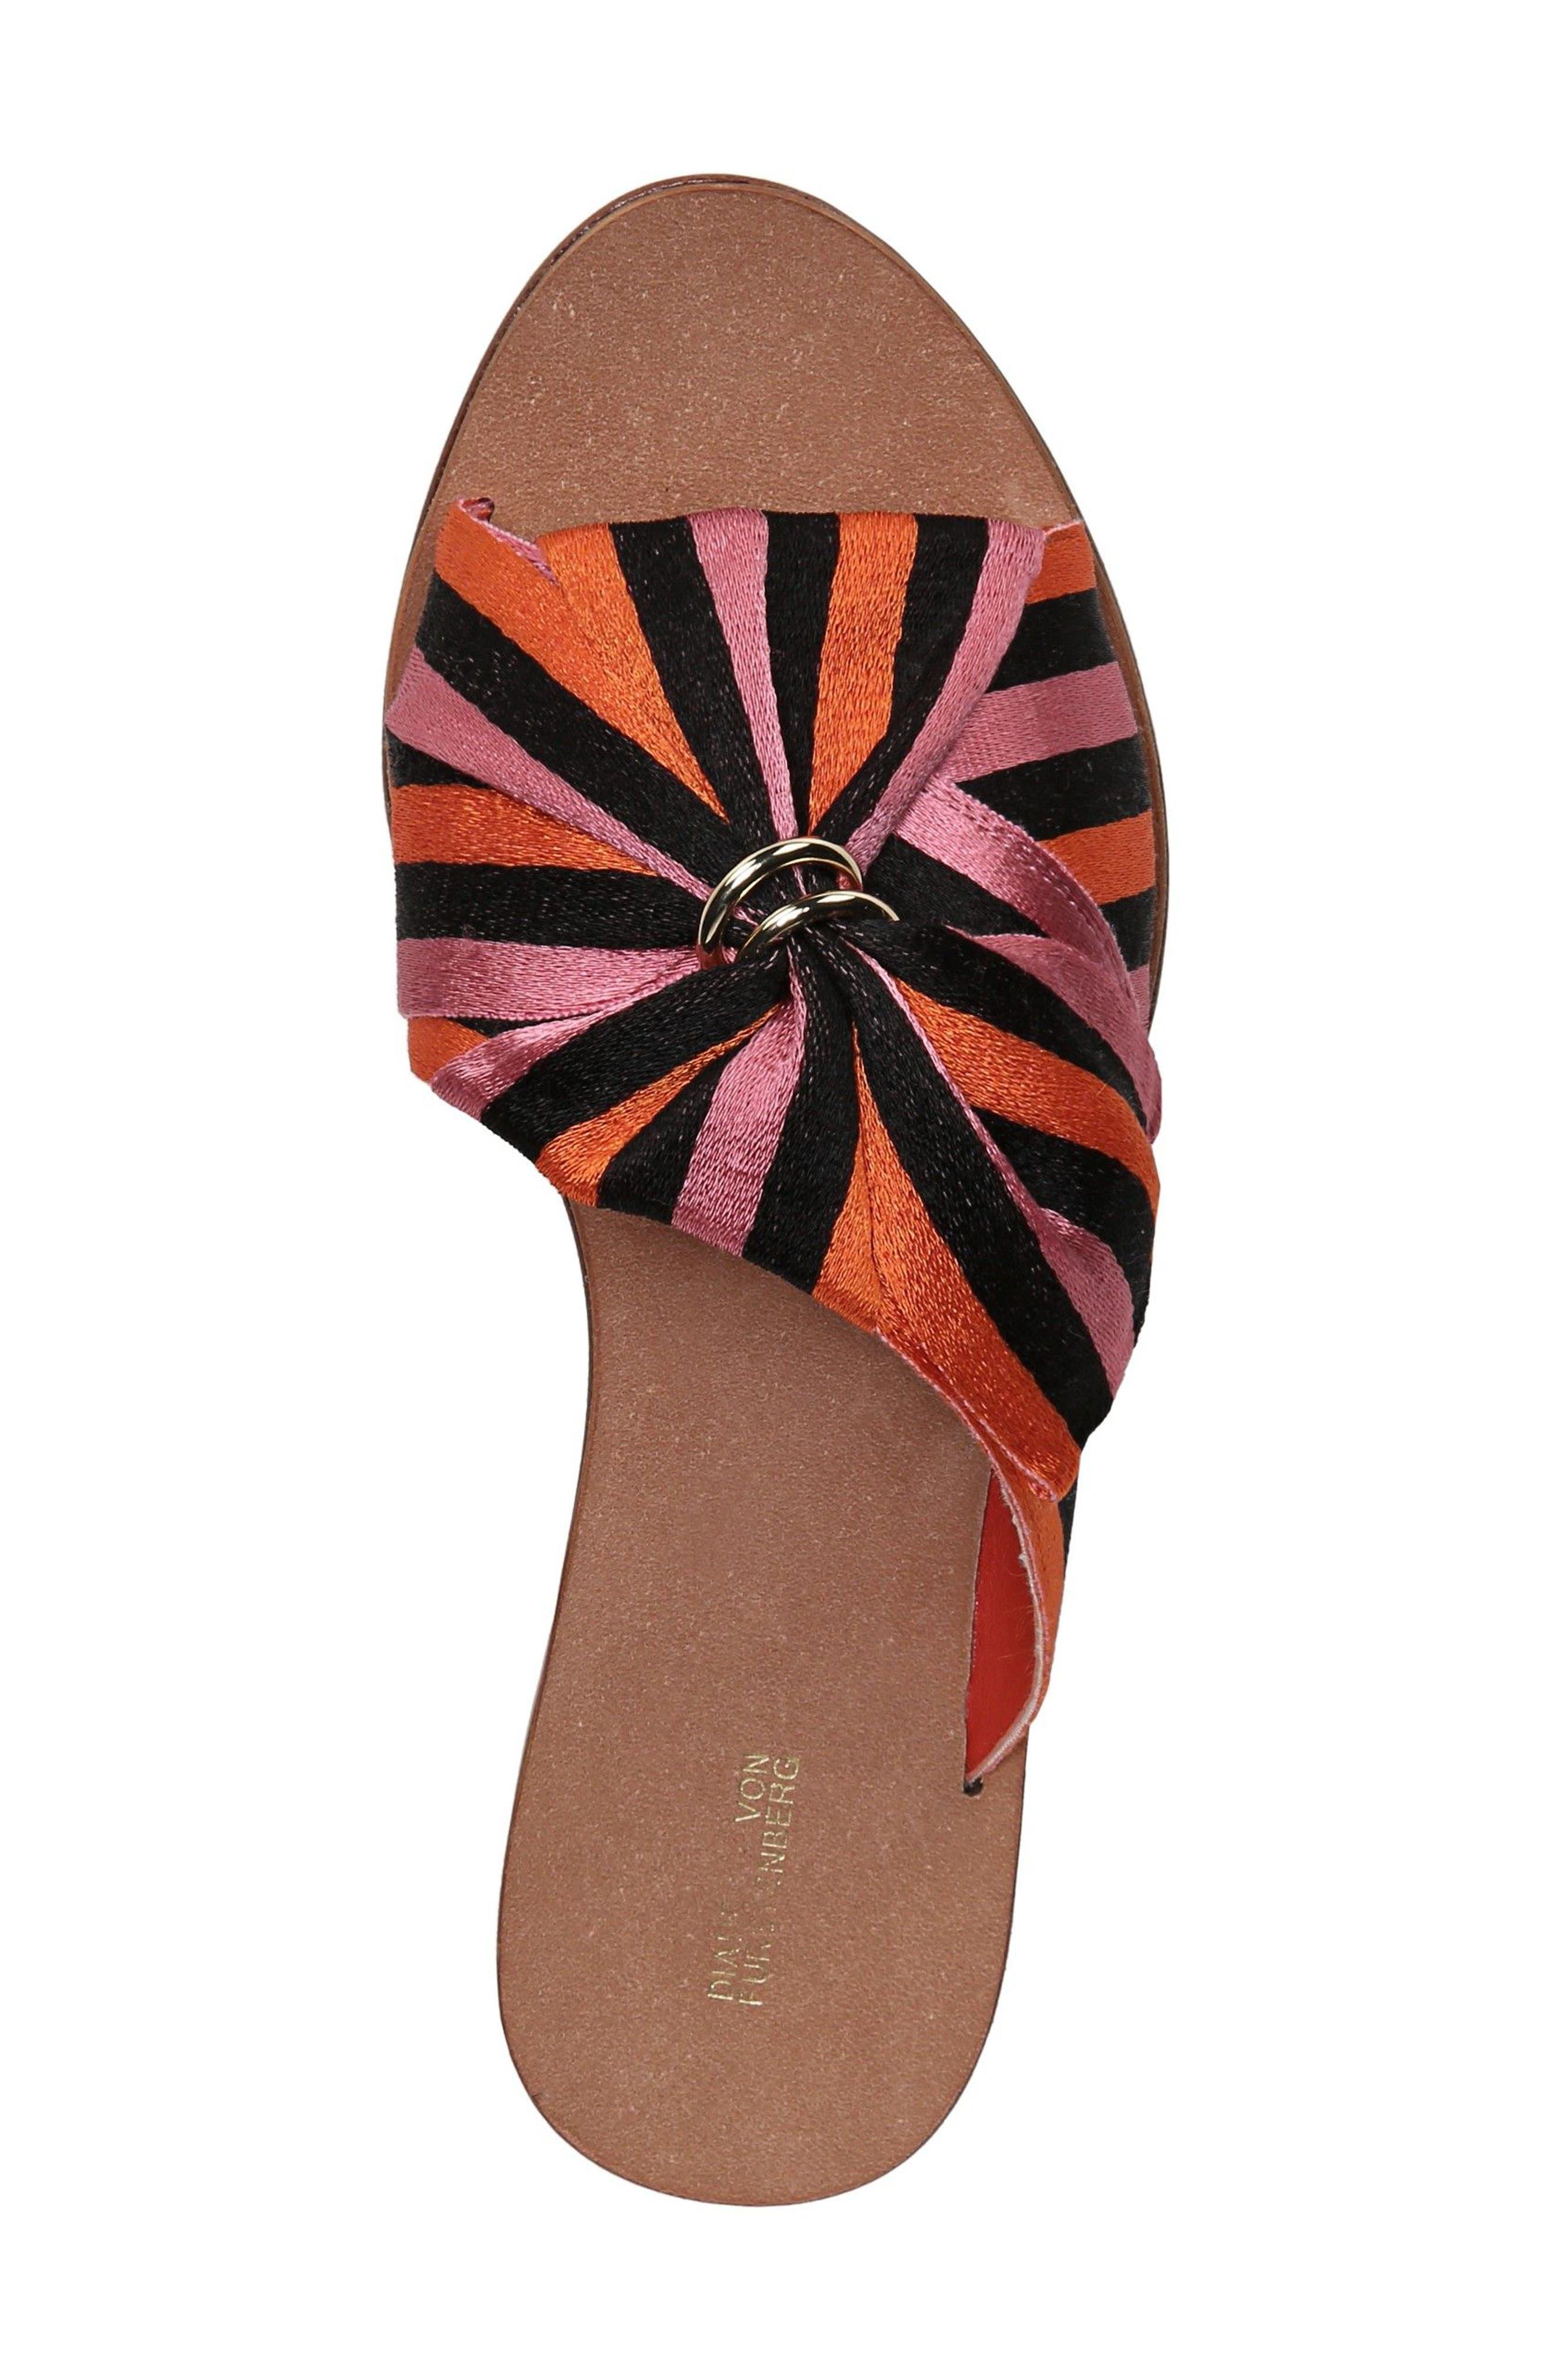 Bella Asymmetrical Slide Sandal,                             Alternate thumbnail 5, color,                             Rose Multi